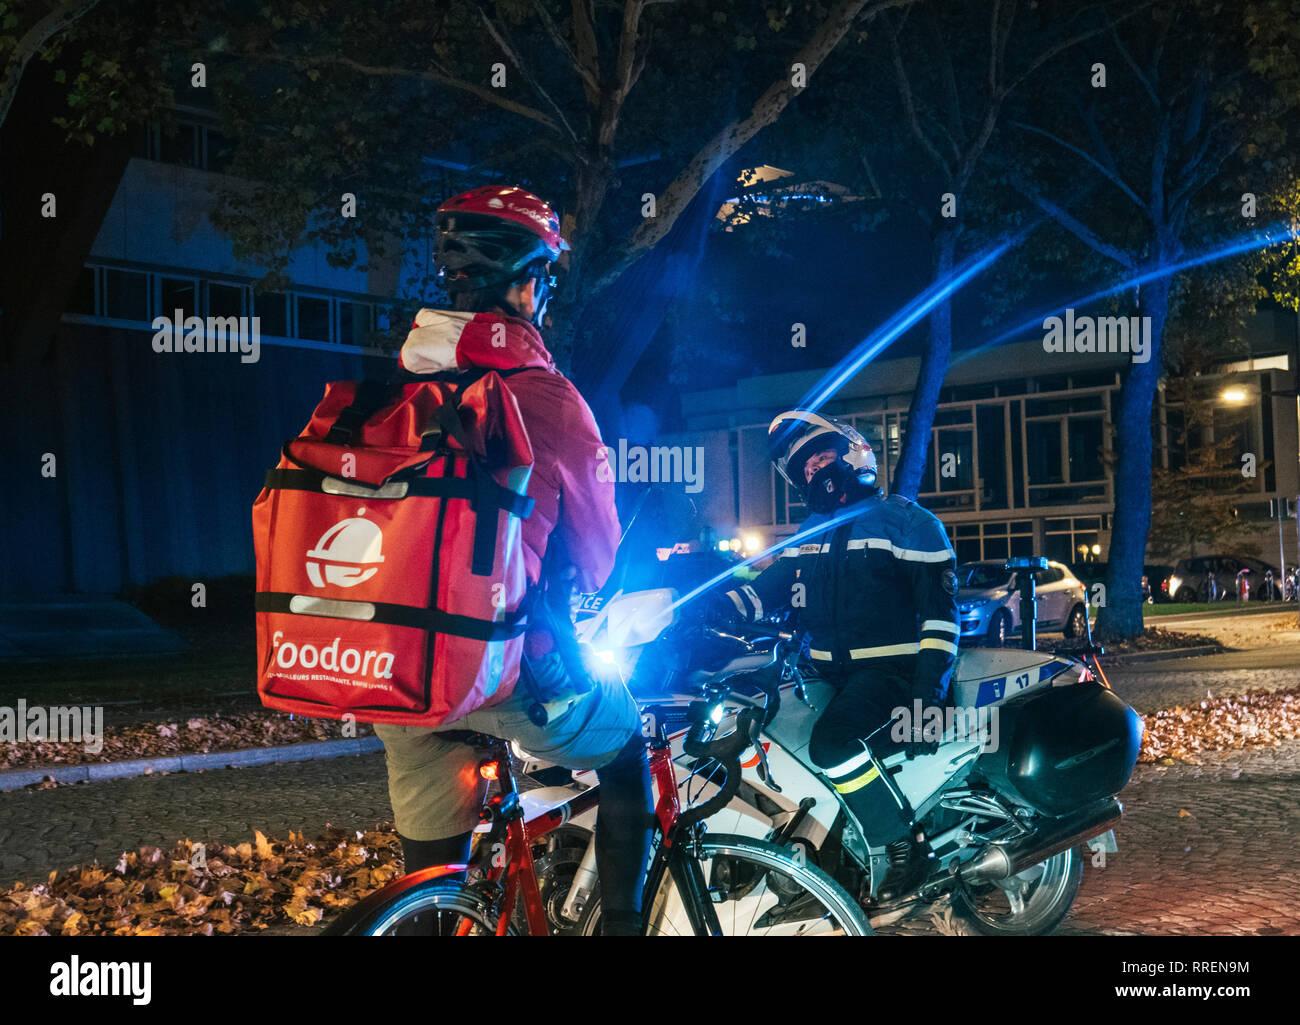 Estrasburgo, Francia - 27 Oct, 2018: policía varón bloqueando la calle - ciclista Foodora entregando alimentos esperando debido a la visita de la delegación oficial Imagen De Stock